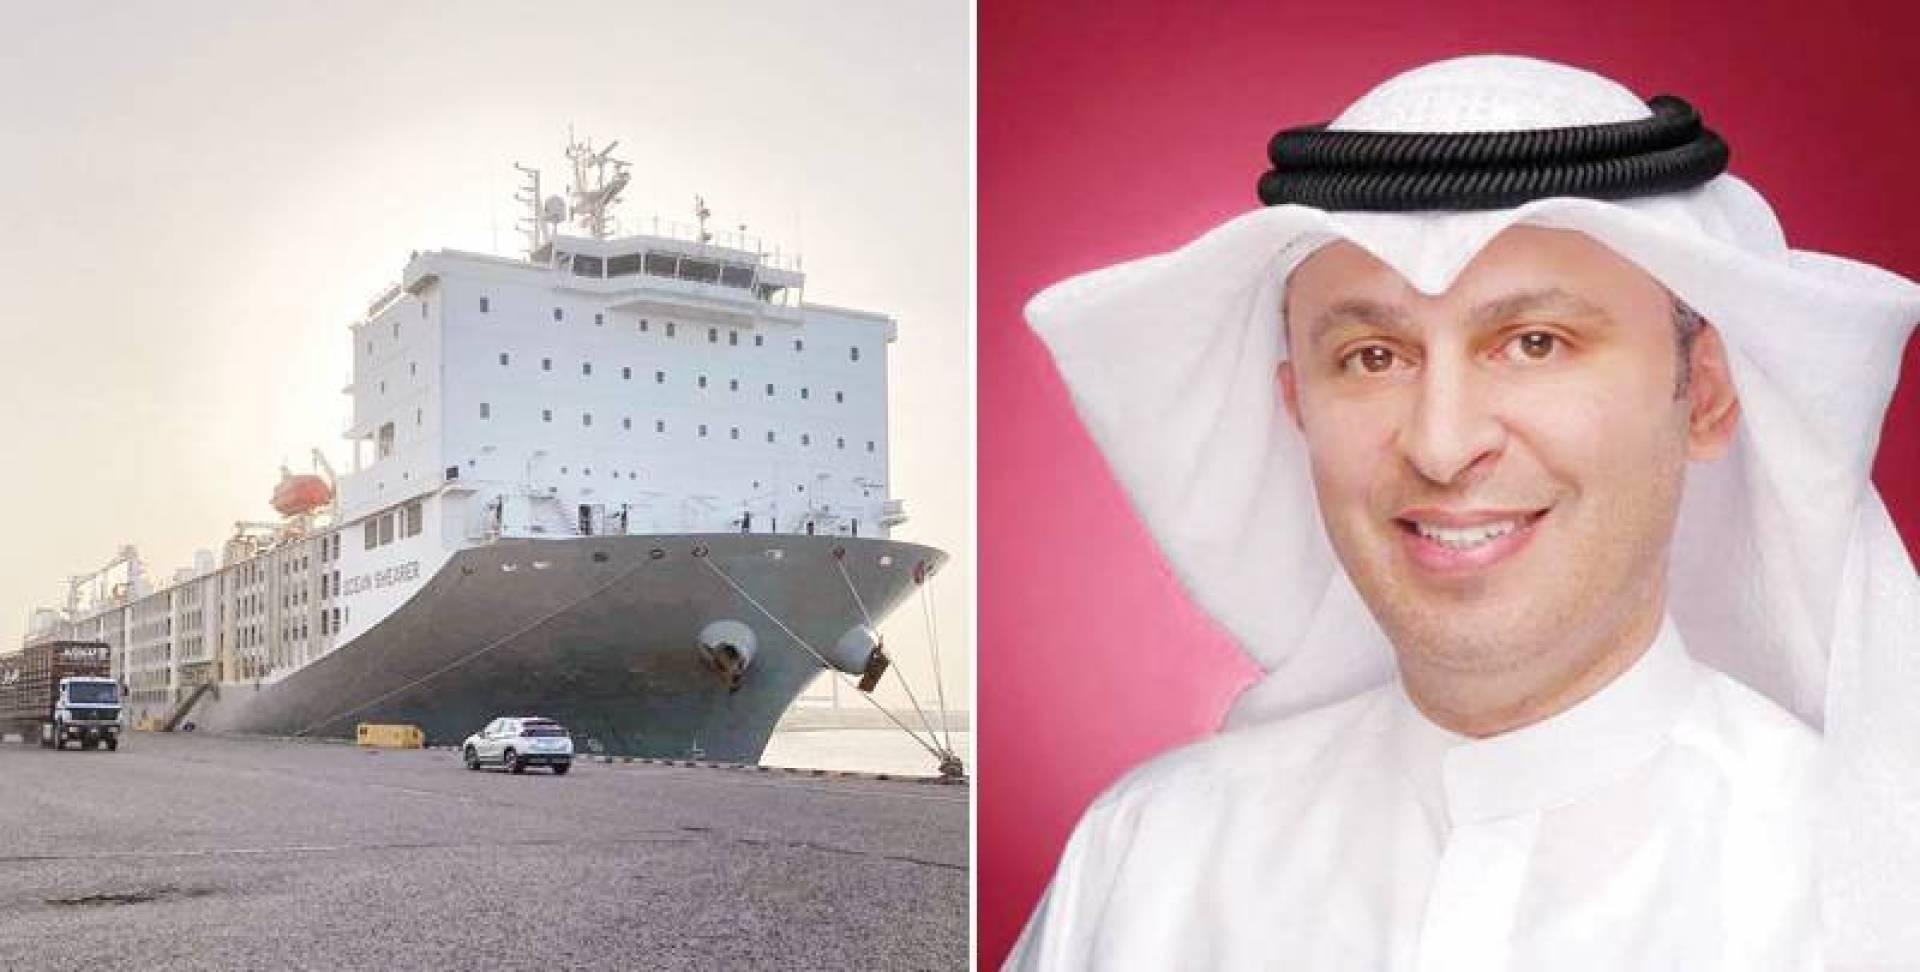 أسامة بودي - السفينة الجديدة في ميناء الشويخ